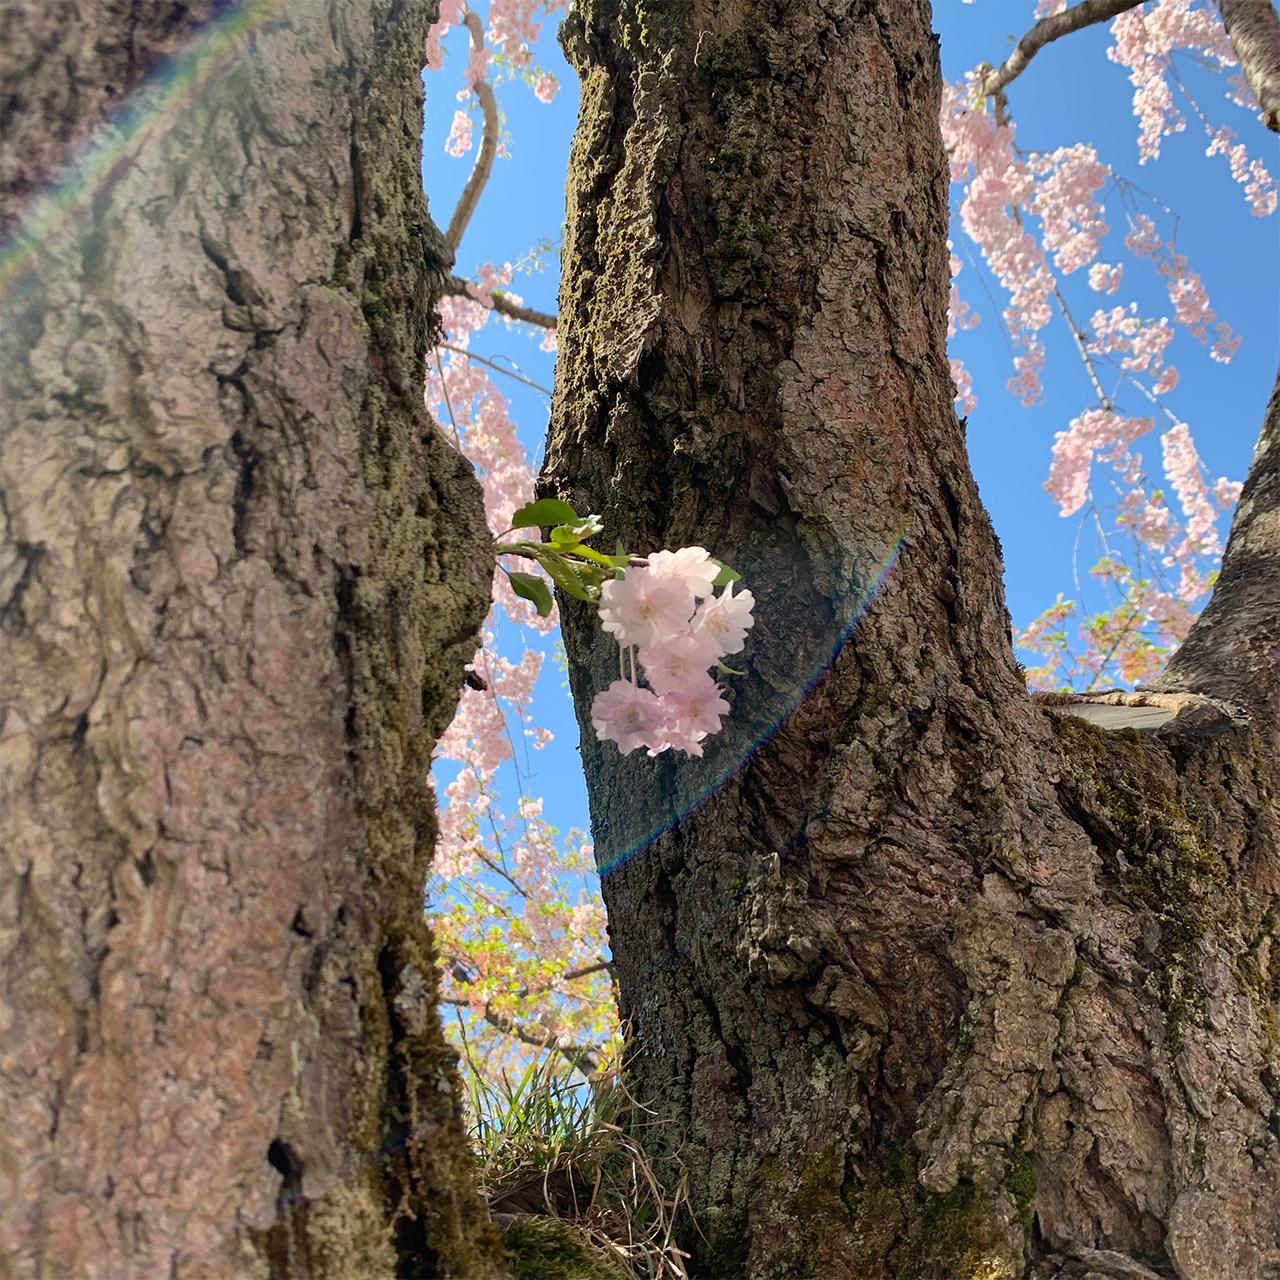 春/spring/Frühling